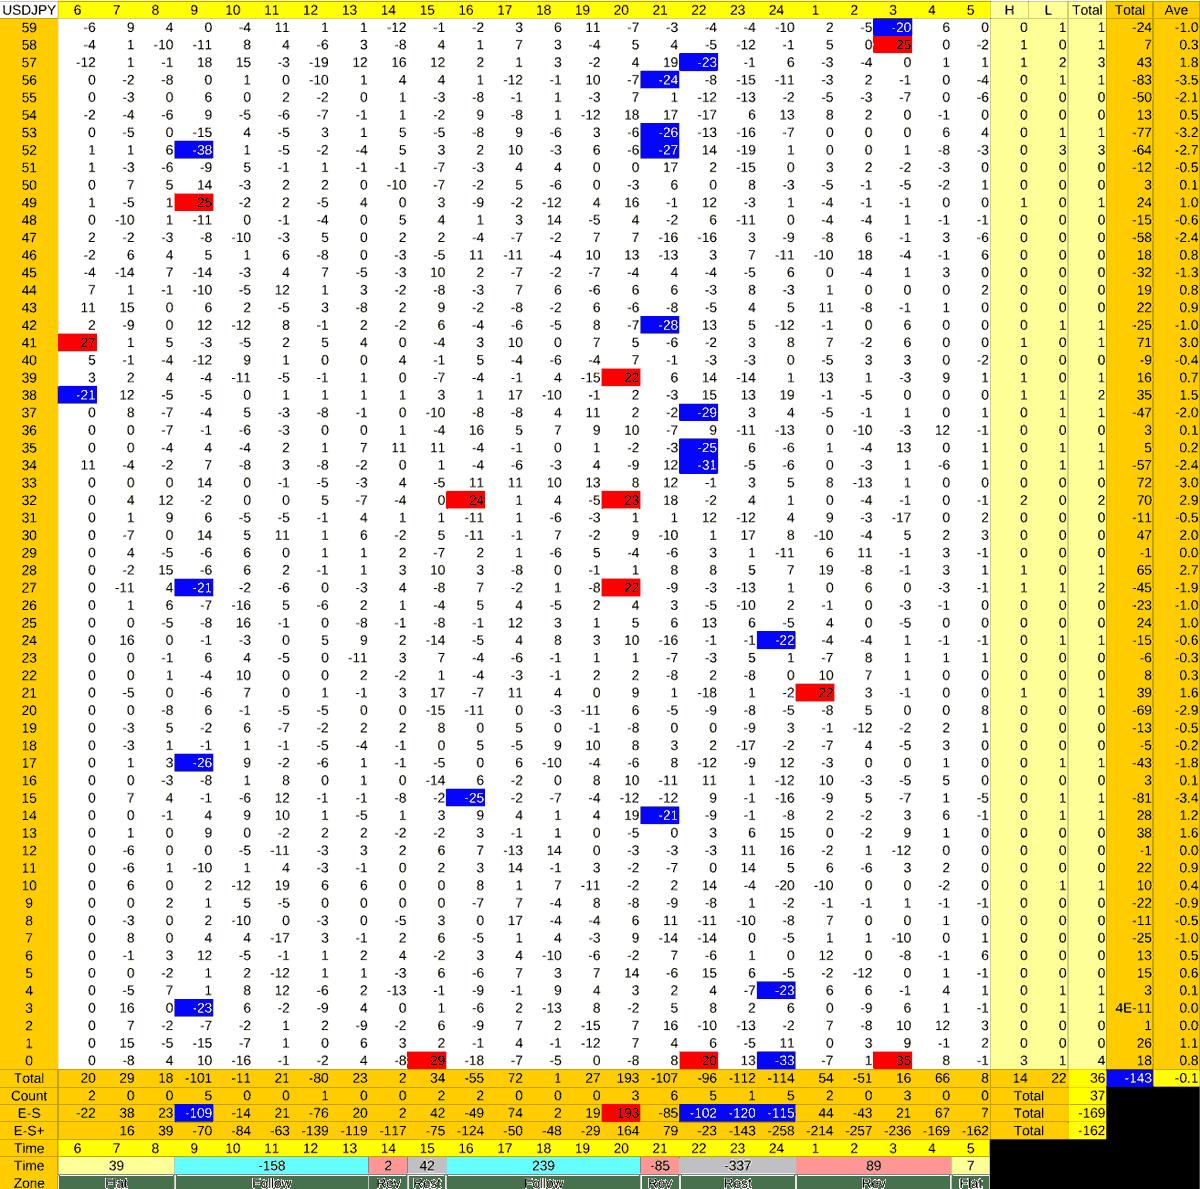 20210628_HS(1)USDJPY